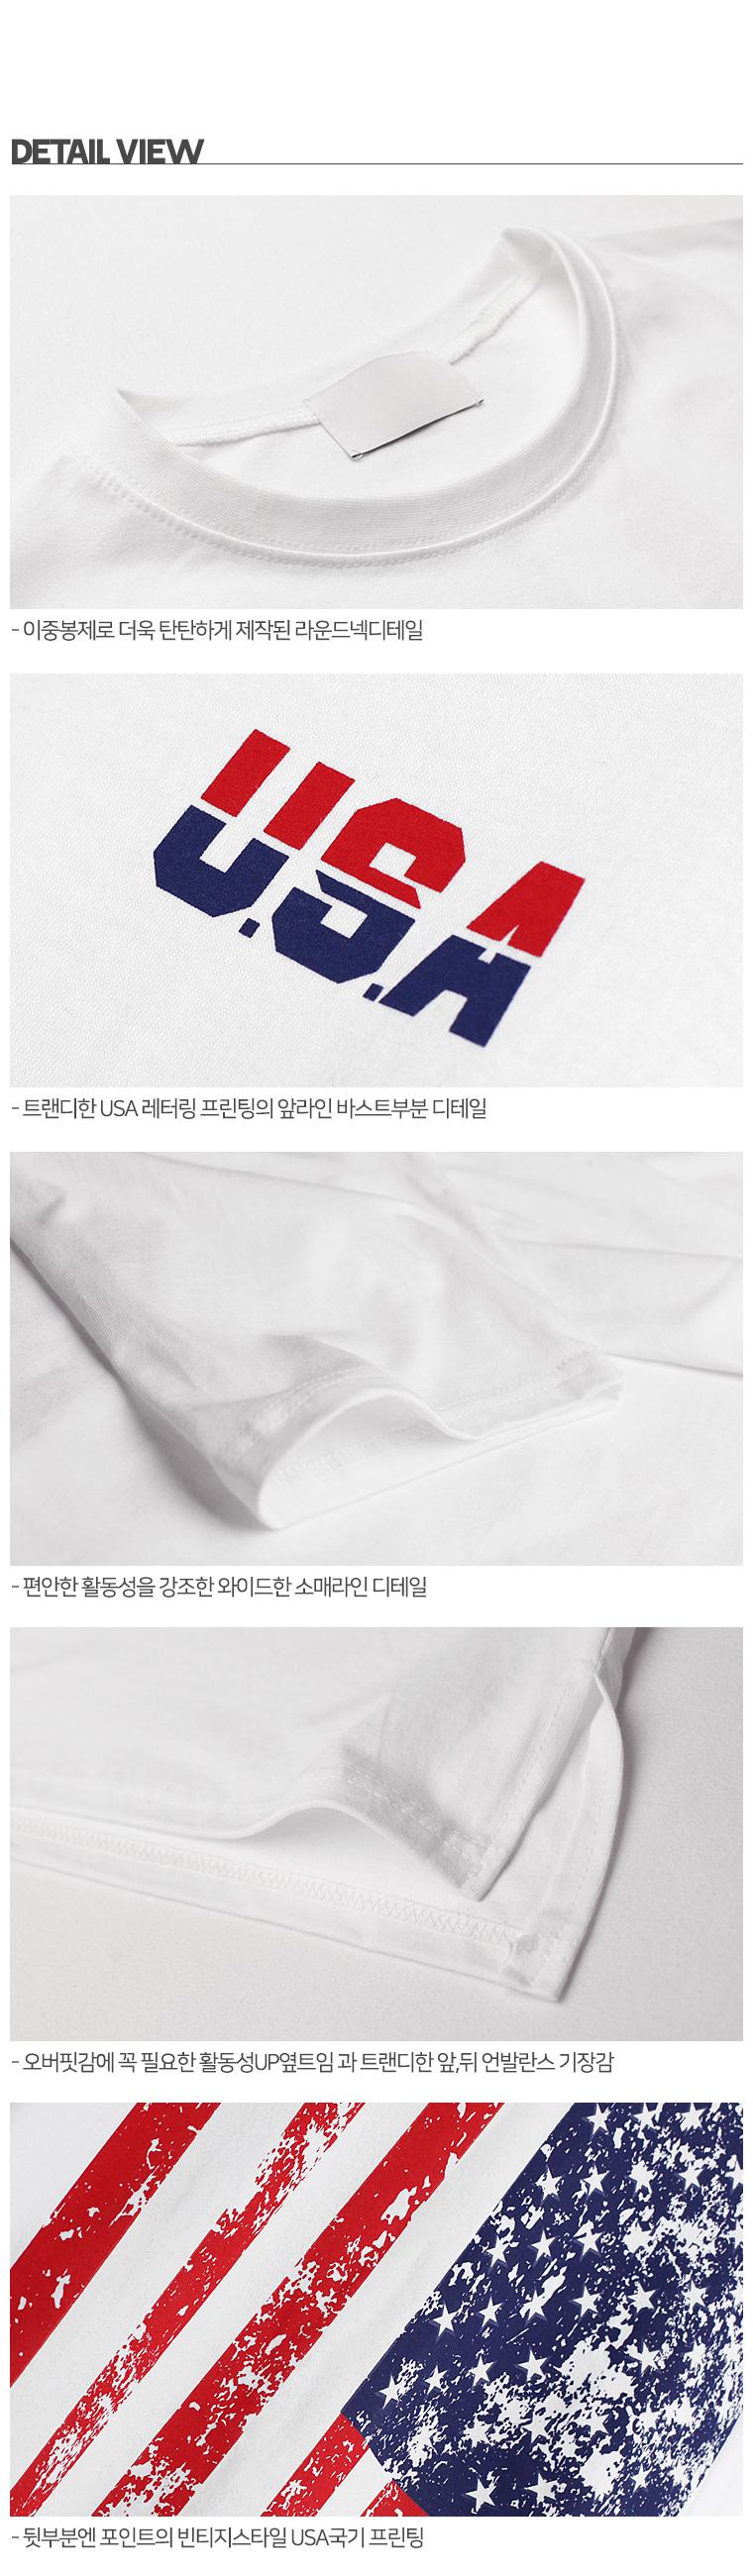 성조기 프린팅 오버핏 언발 긴팔티 (FT016) - 탑보이, 32,800원, 상의, 긴팔티셔츠